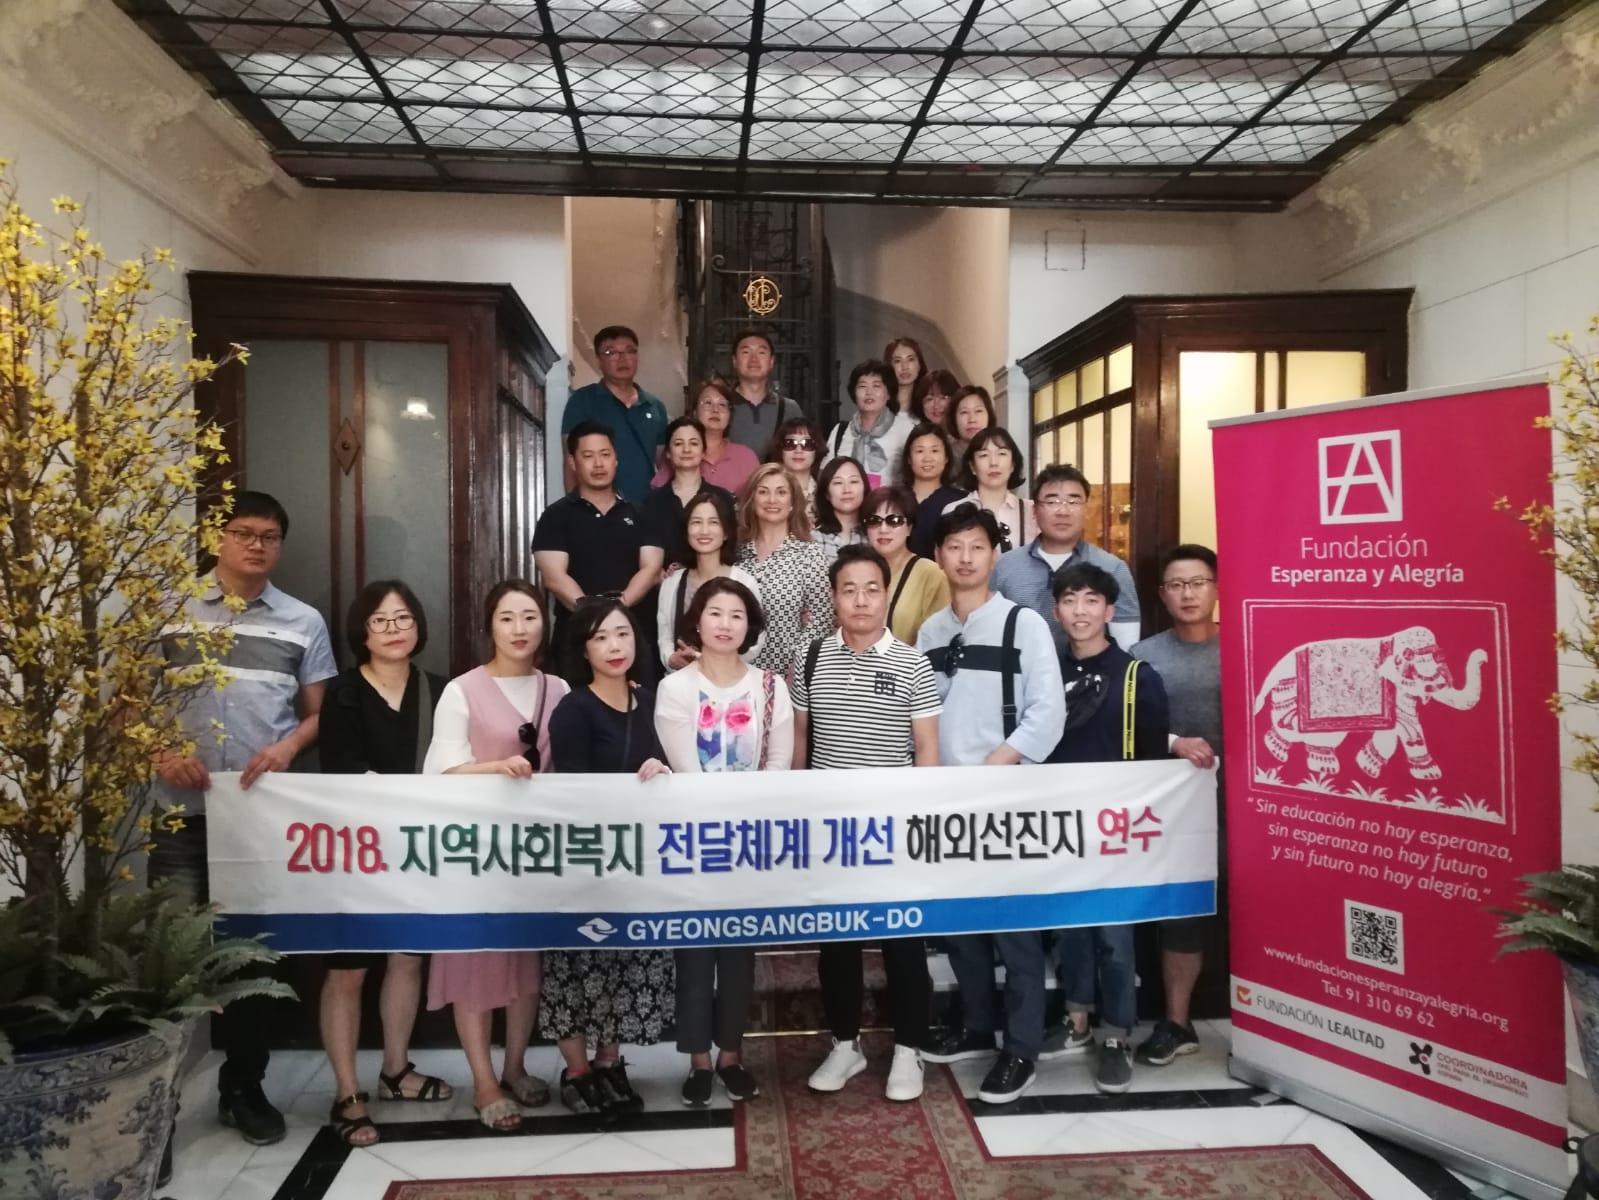 La Fundación recibe la visita de 25 funcionarios del área de Trabajo Social de Corea del Sur